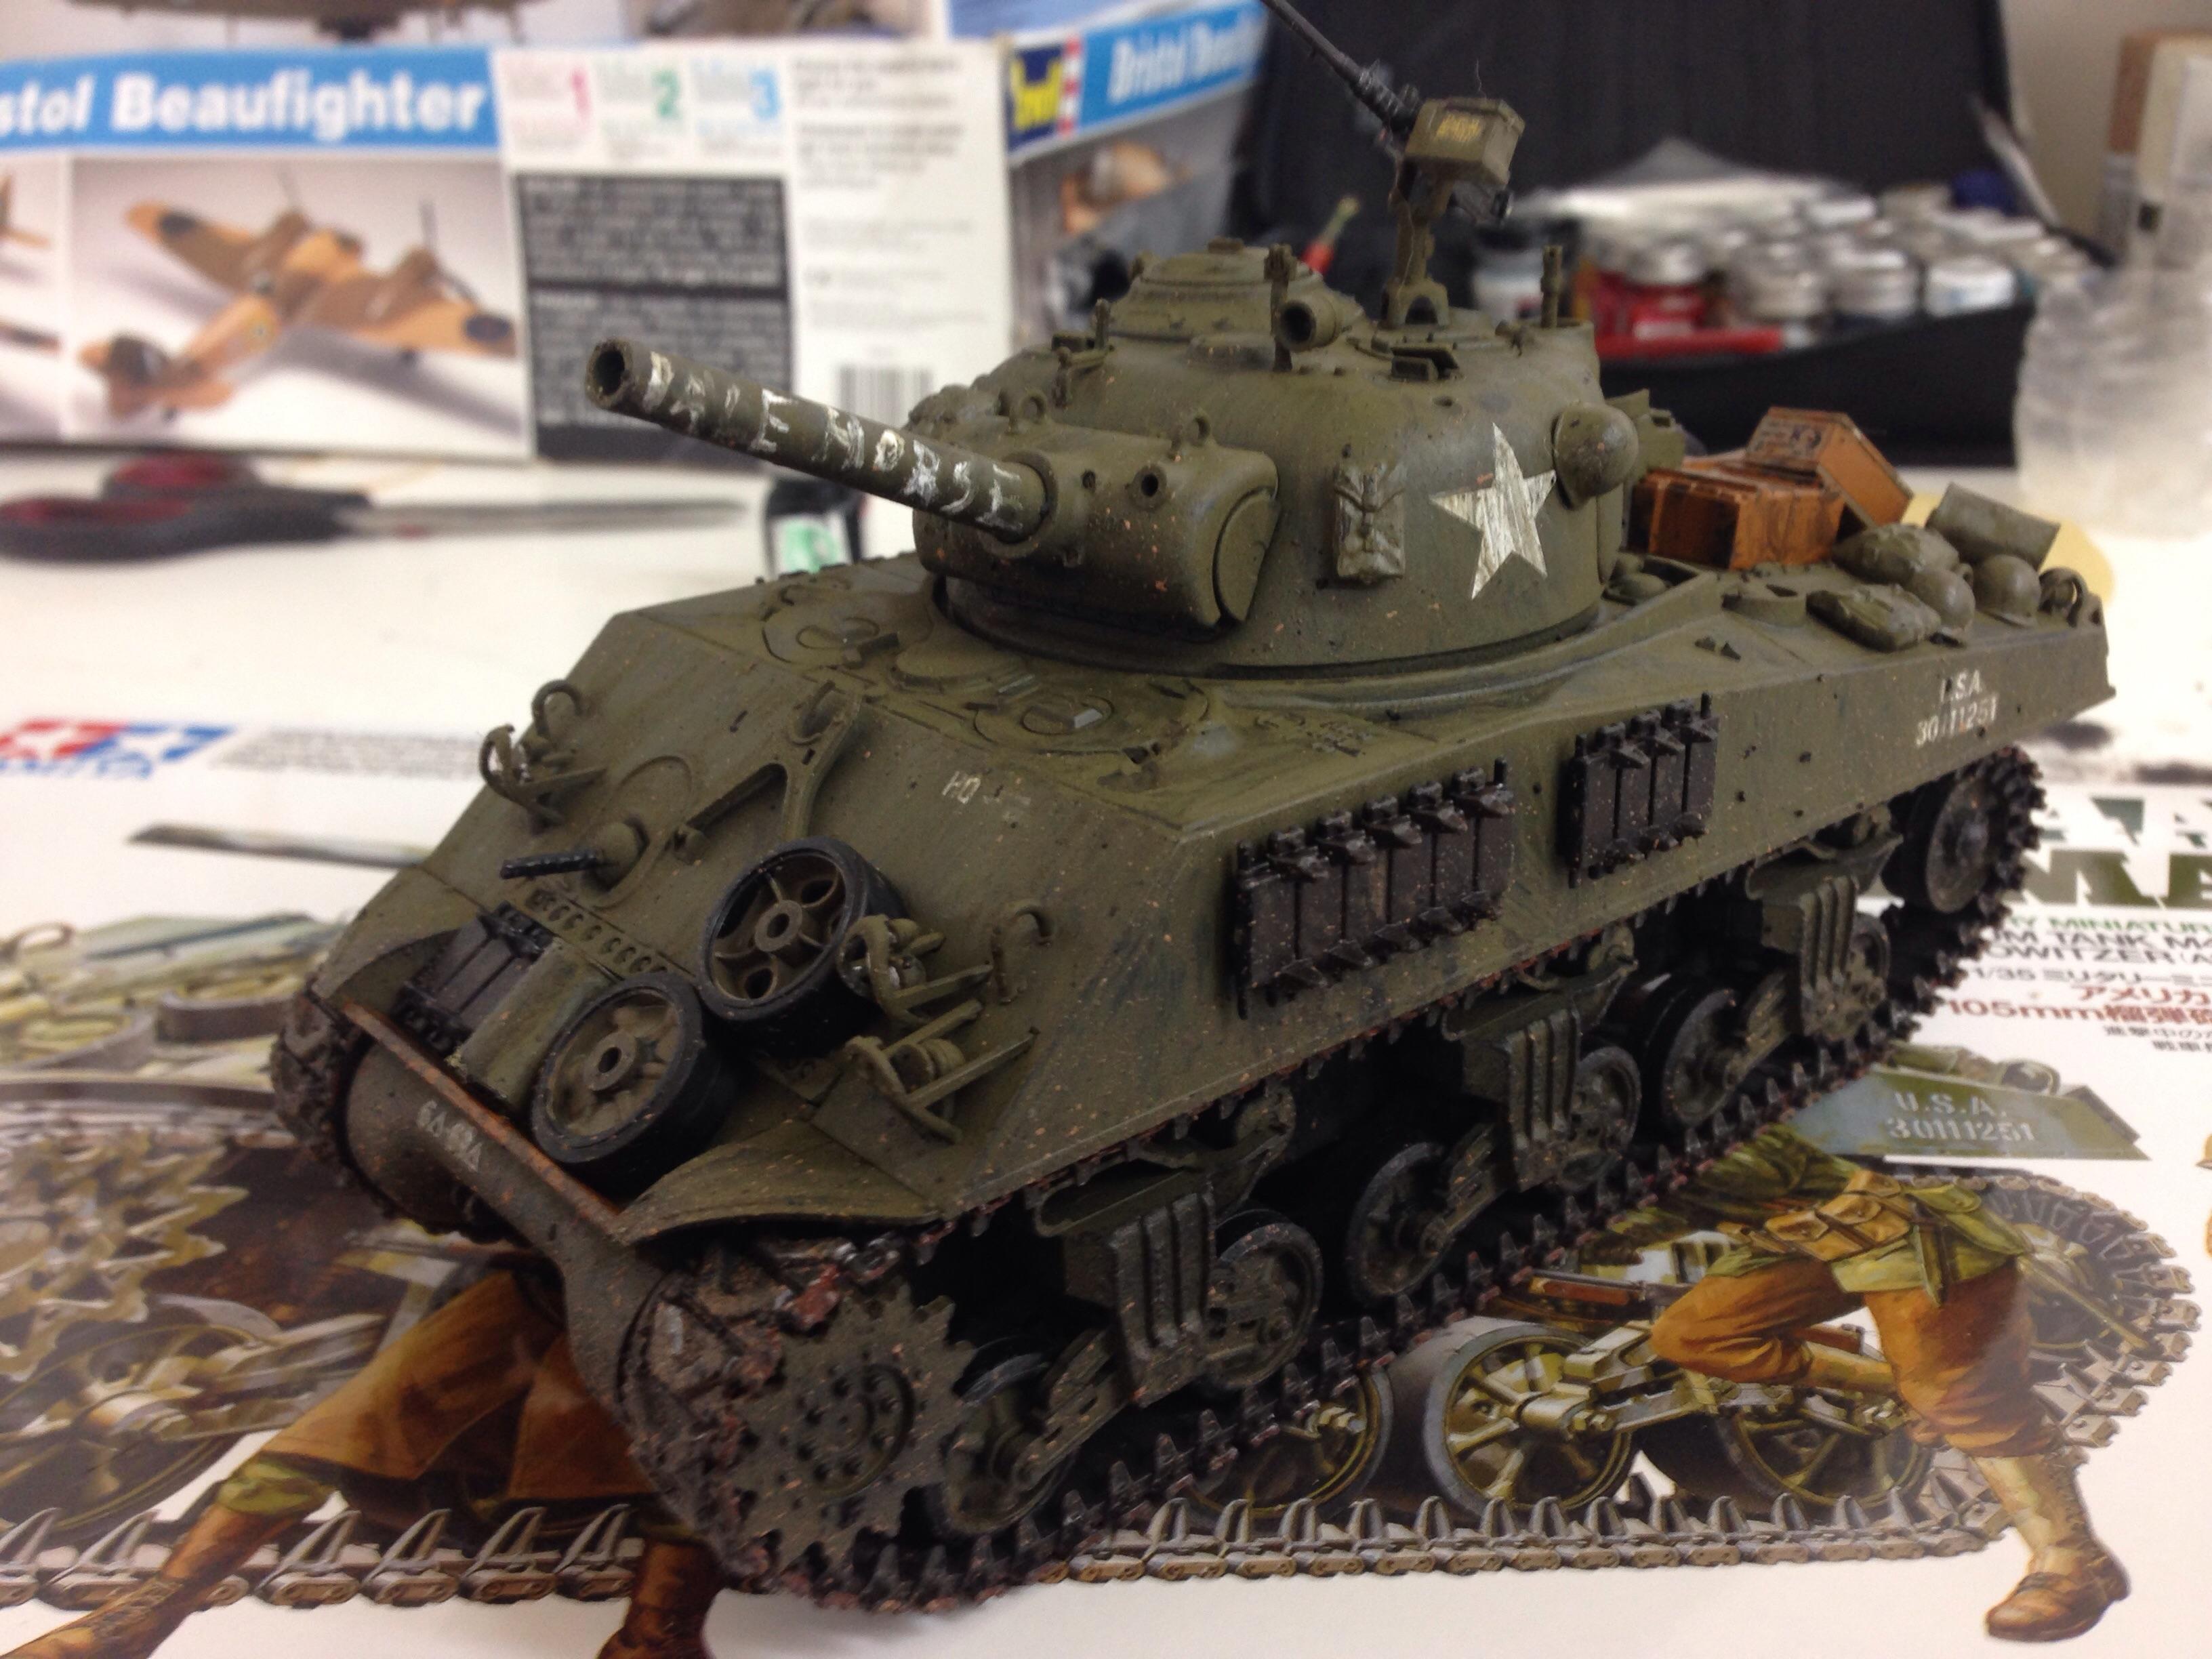 M4A3E8 Sherman 1/35 scale model by Devastator259 on DeviantArt